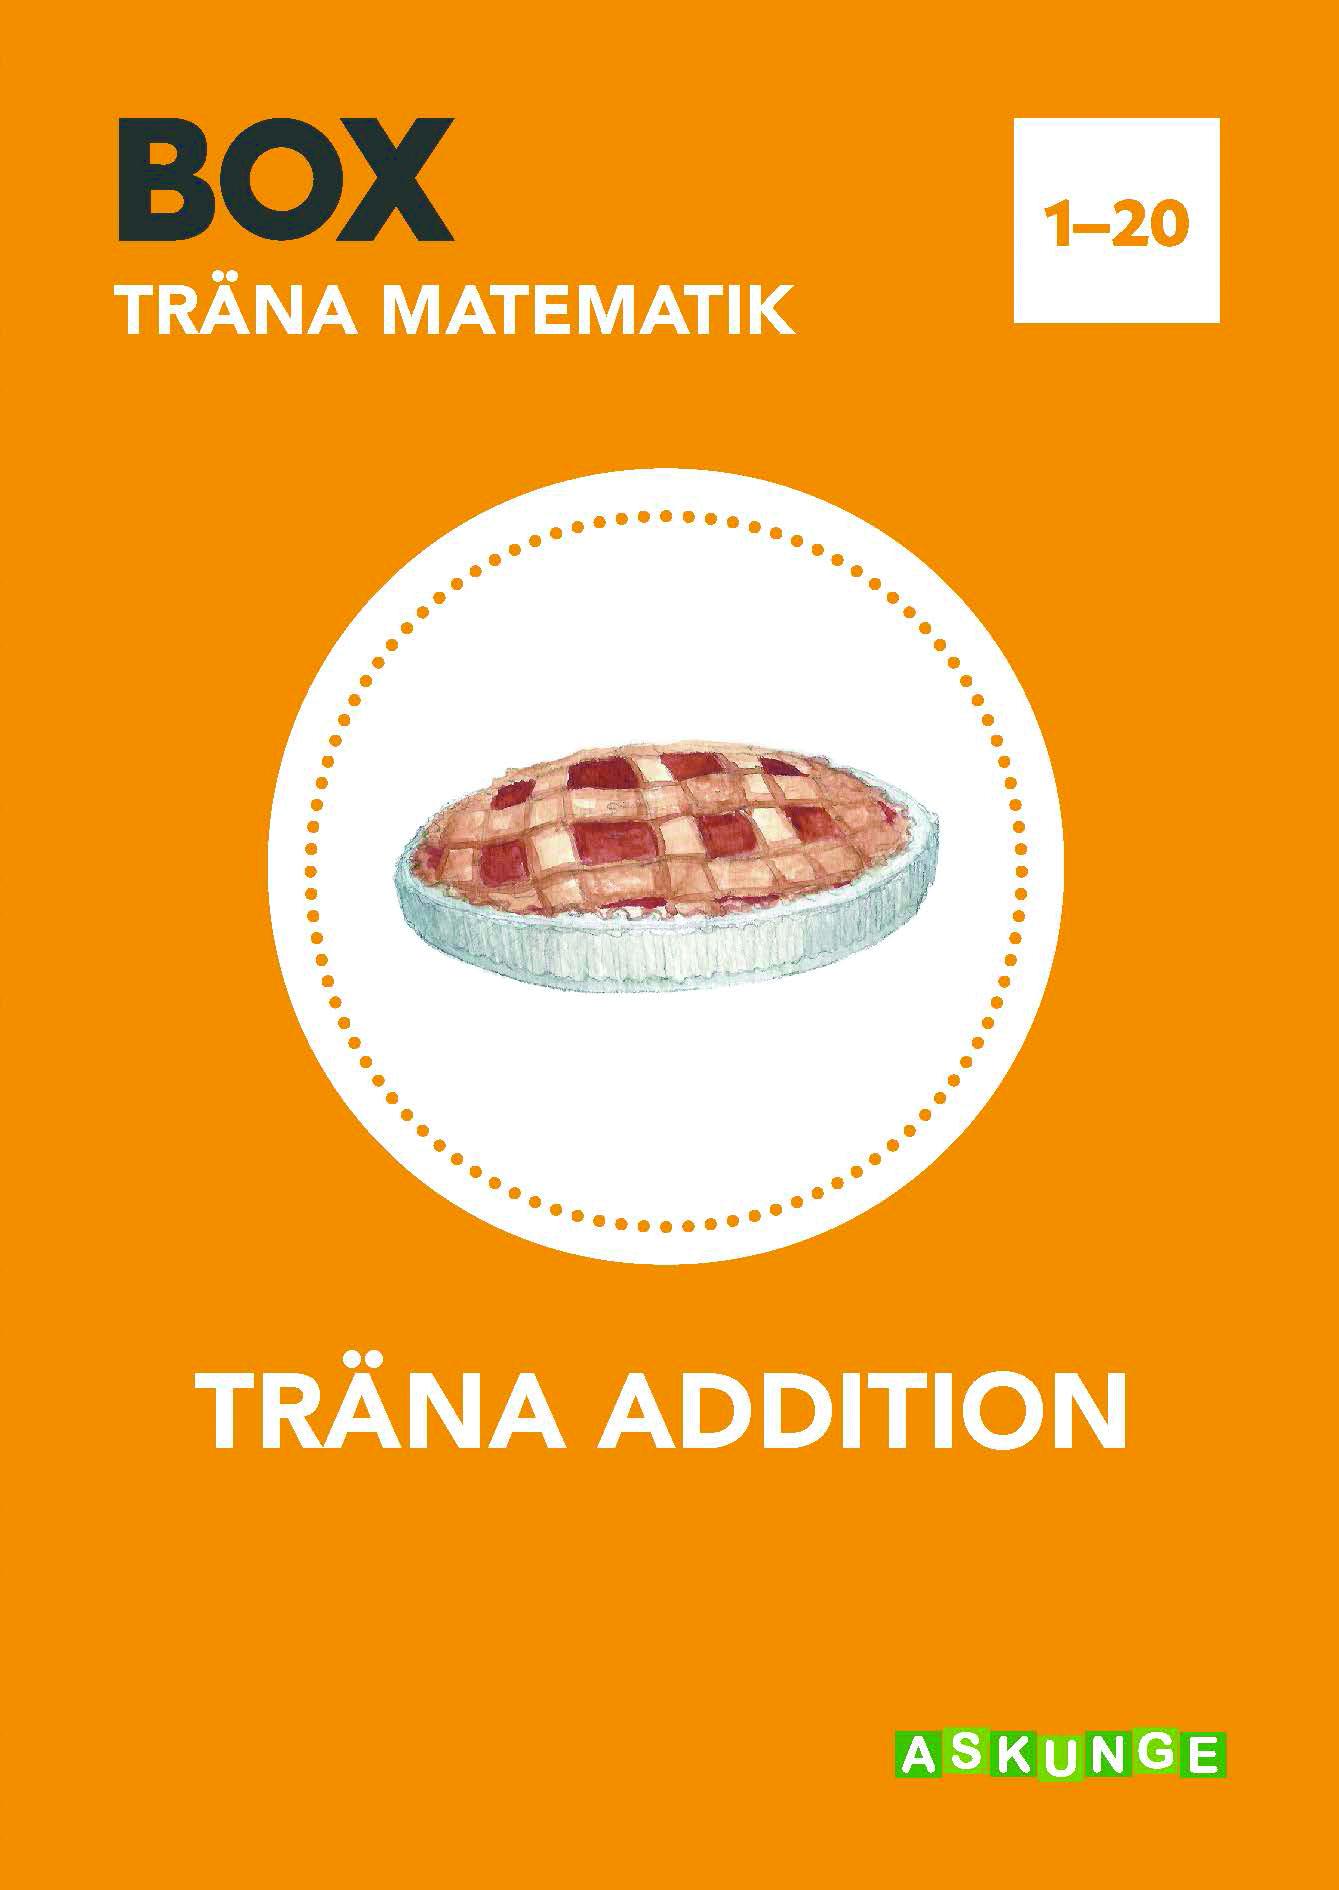 BOX Träna addtion 1-20